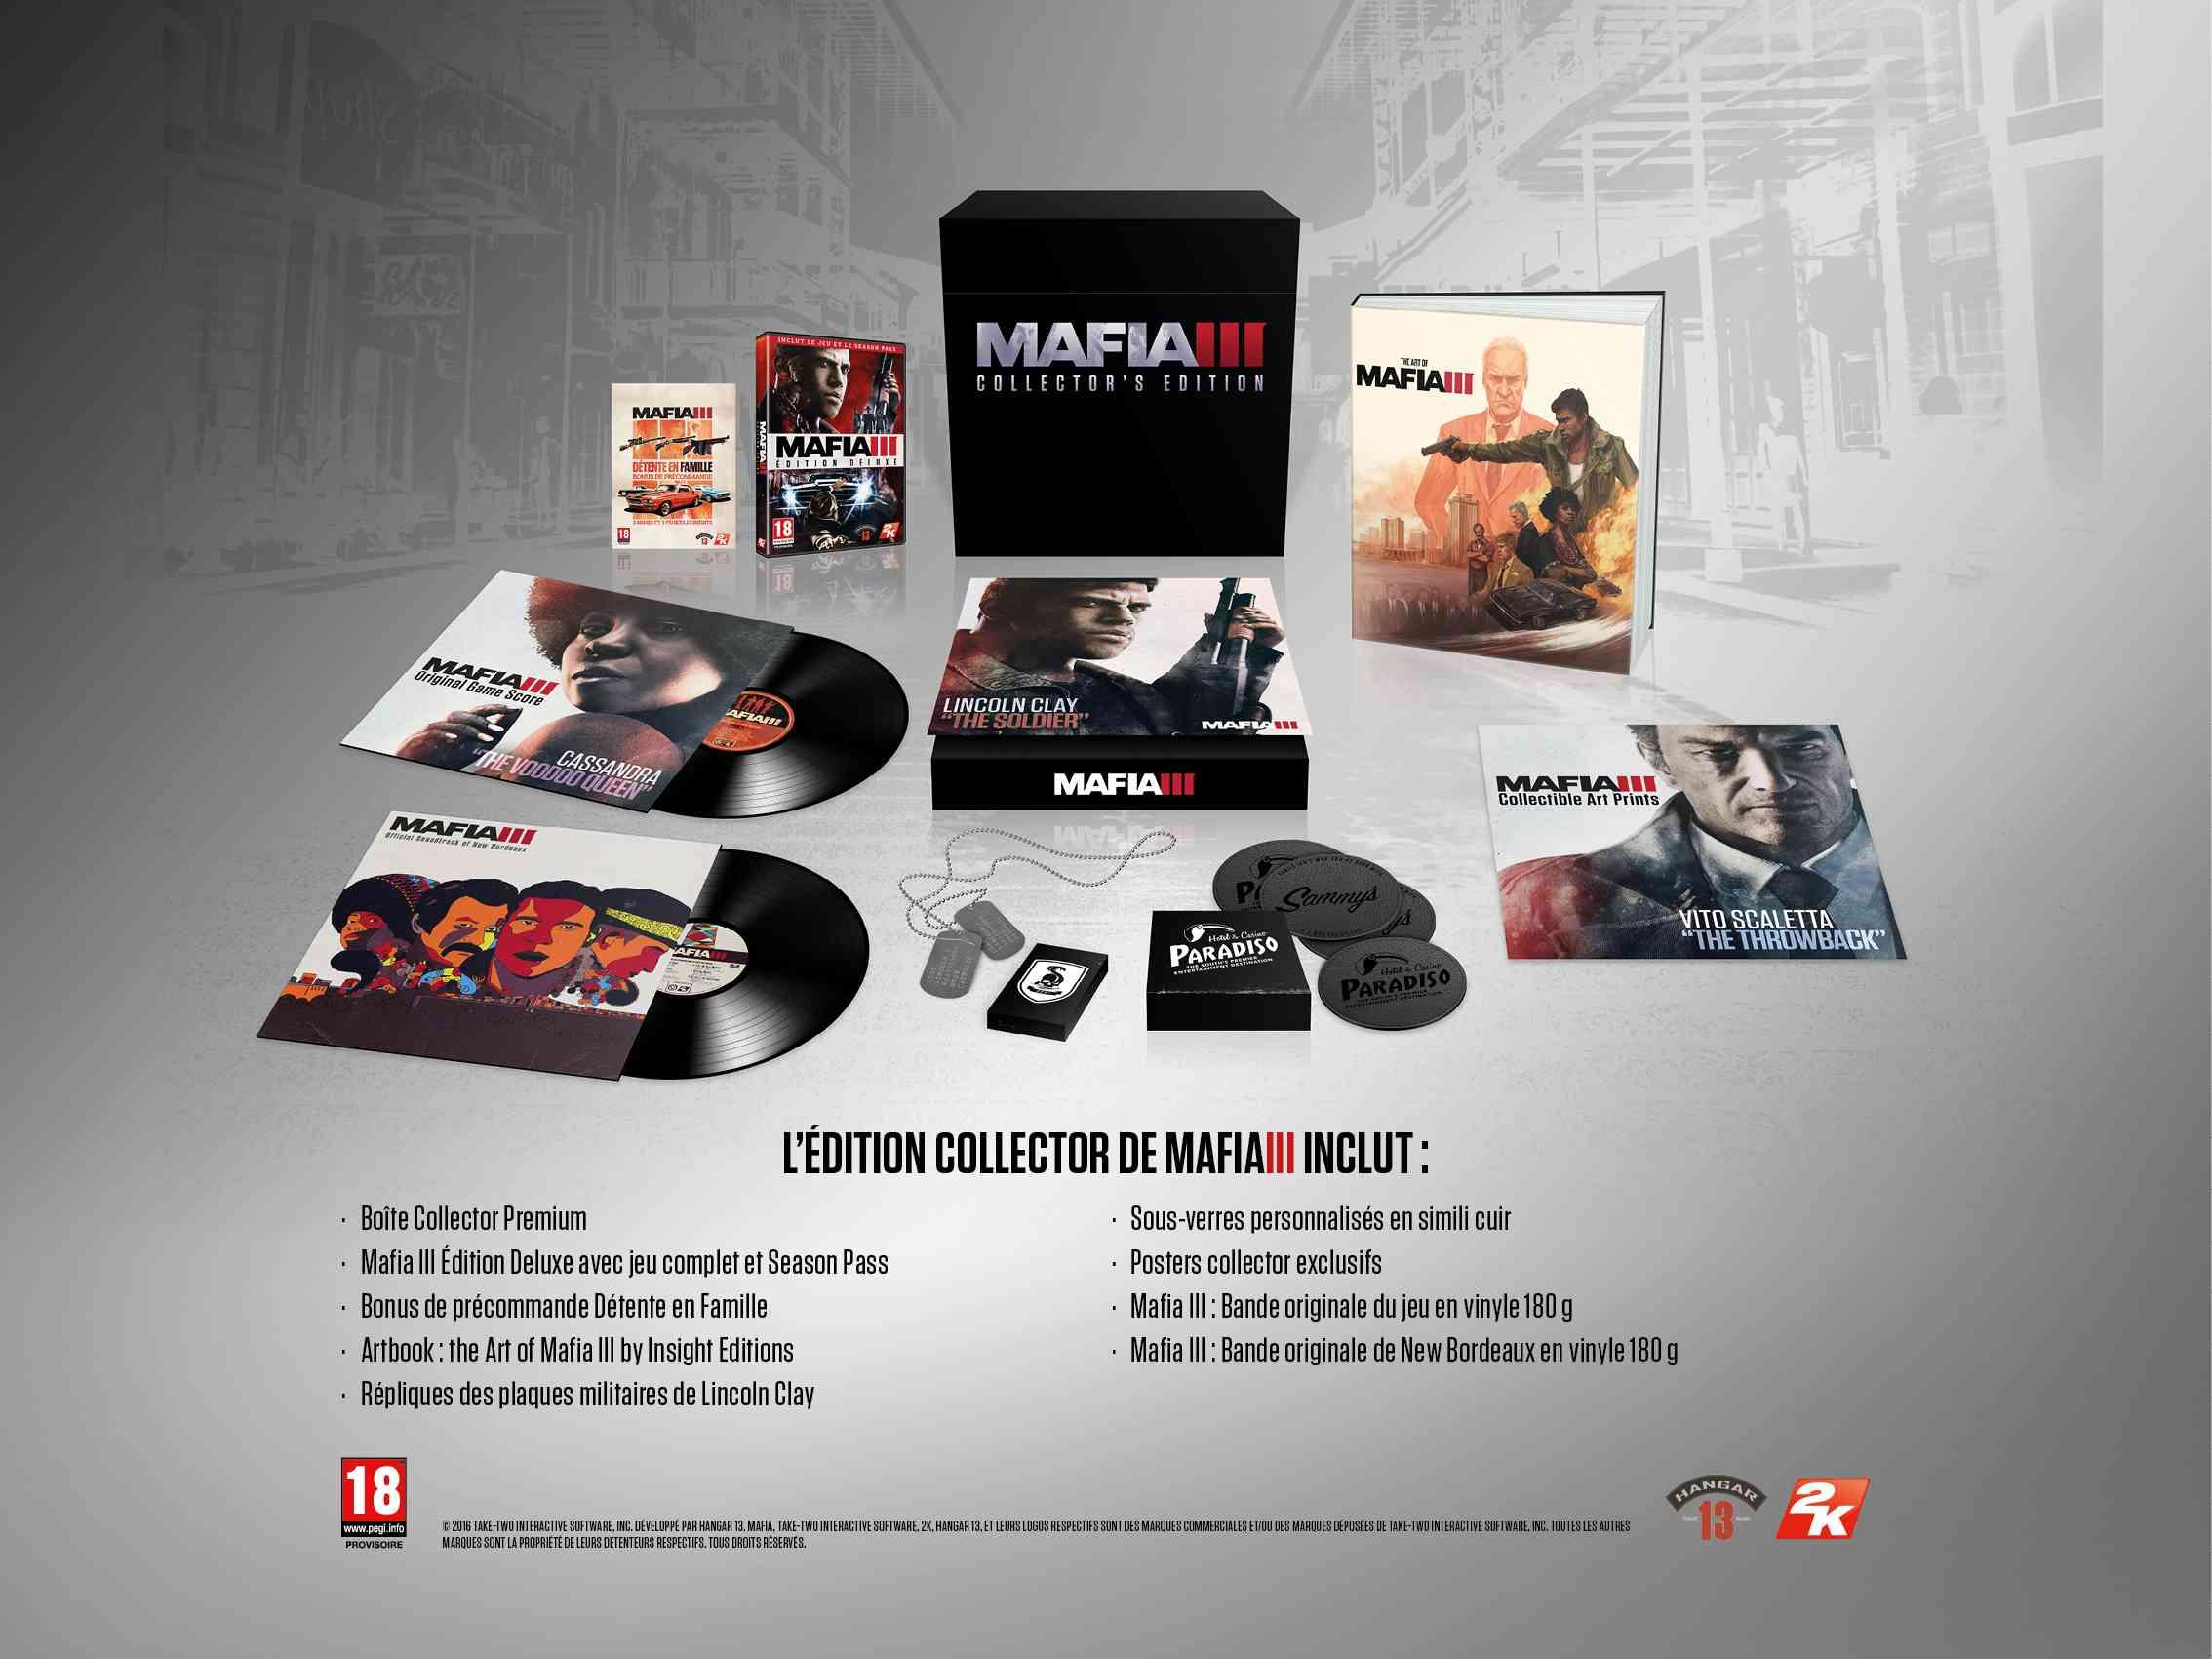 MAFIA III - Annonce de l'Edition Collector 2k_maf10